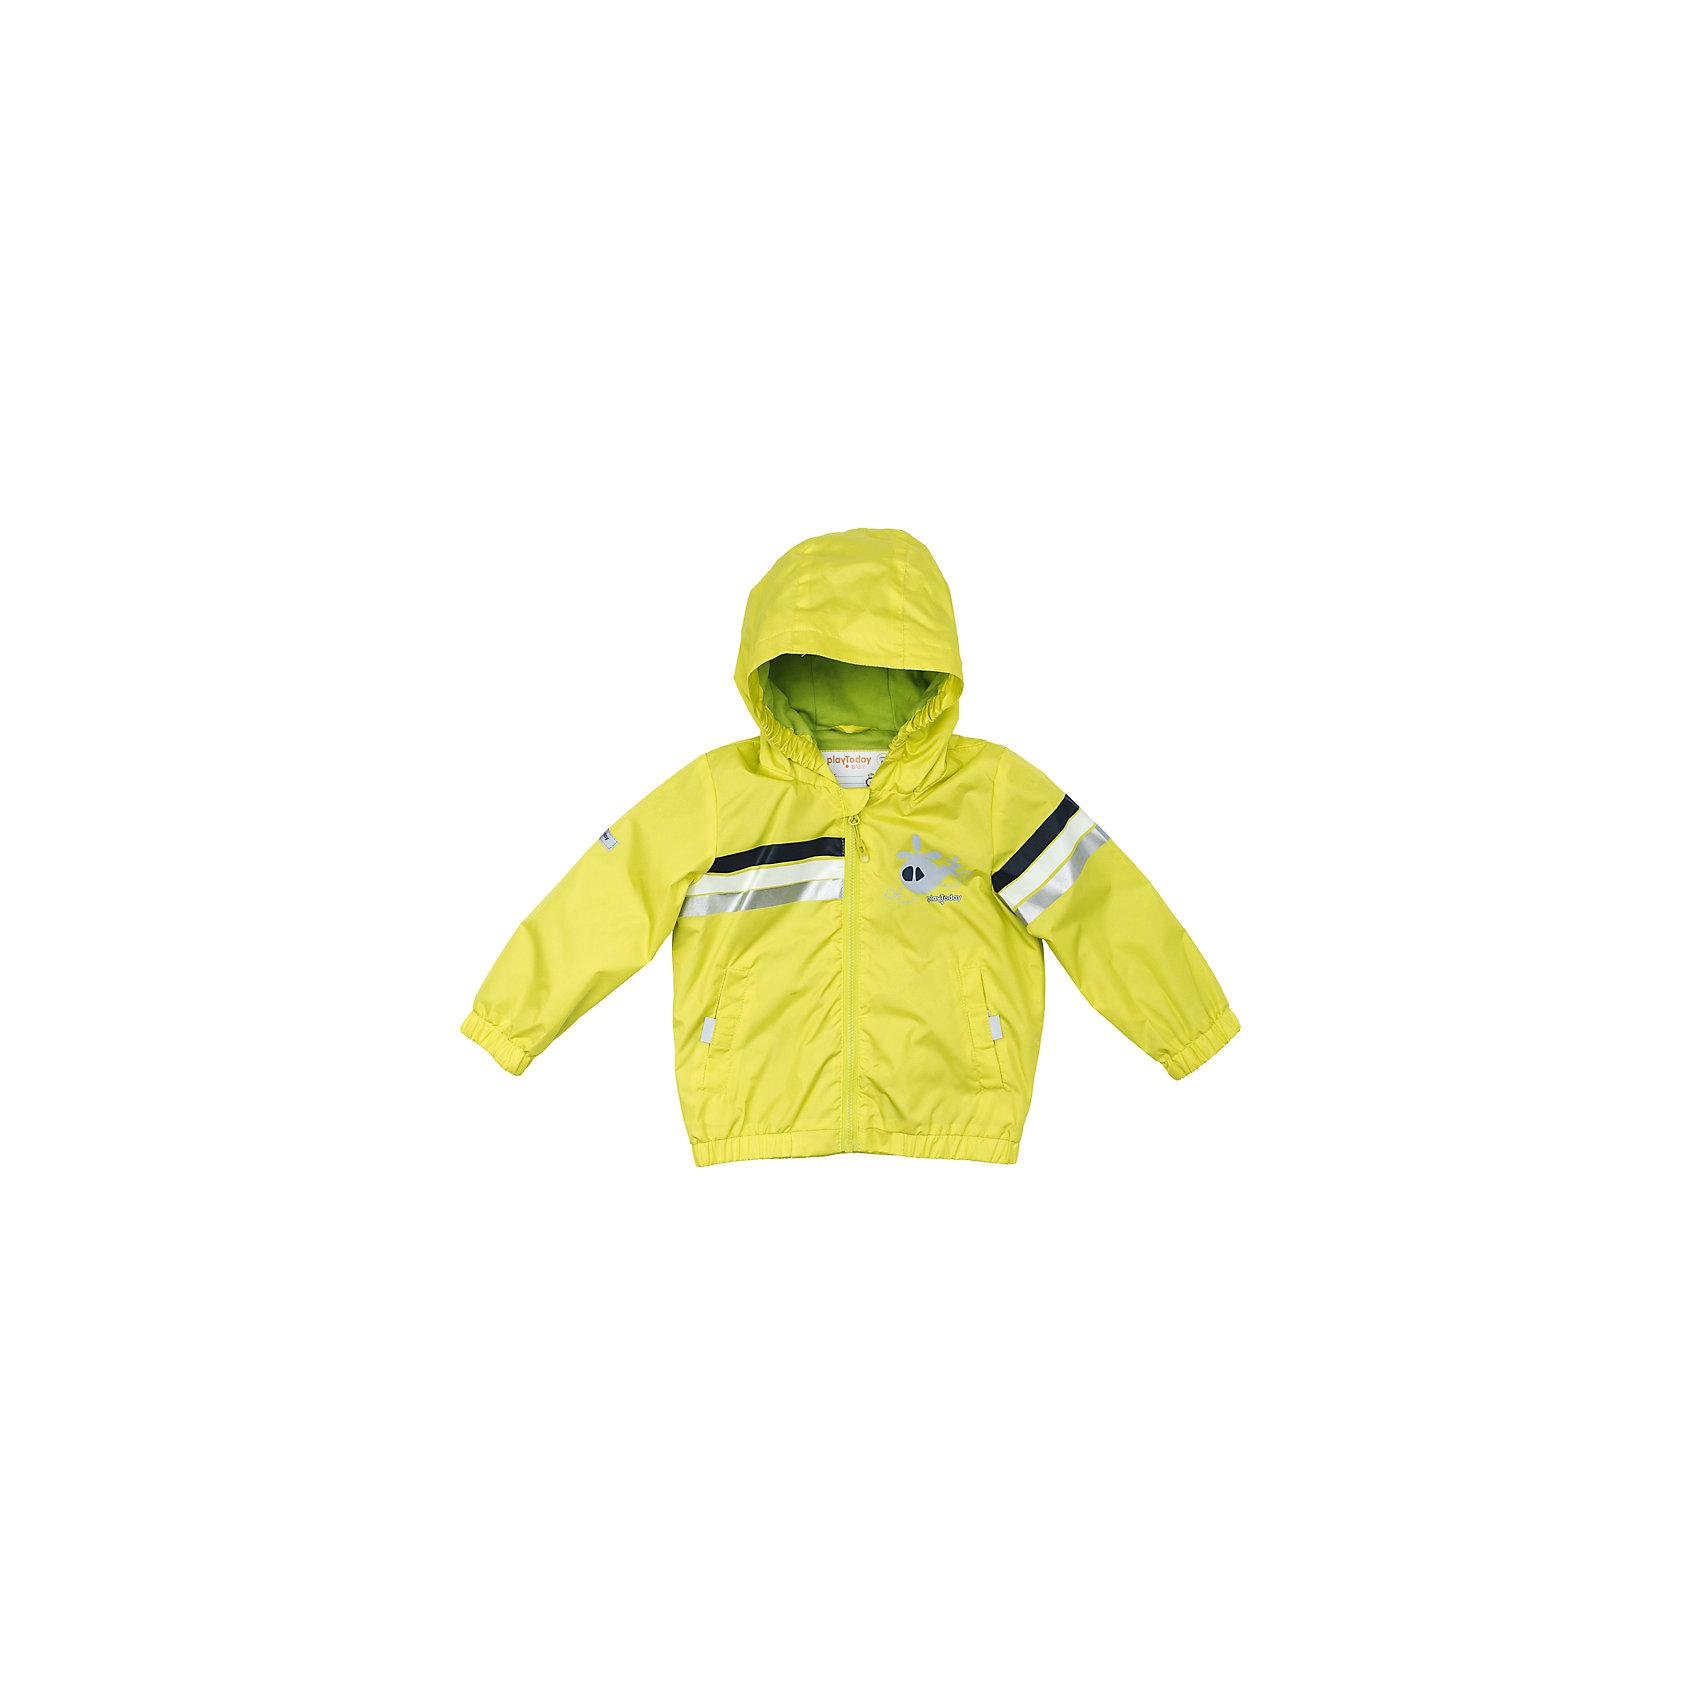 Куртка для мальчика PlayTodayВерхняя одежда<br>Куртка для мальчика PlayToday<br>Куртка со специальной водоотталкивающей пропиткой защитит Вашего ребенка в любую погоду! Специальный карман для фиксации застежки - молнии не позволит застежке травмировать нежную кожу ребенка. Мягкие резинки на рукавах и по низу изделия защитят Вашего ребенка - ветер не сможет проникнуть под куртку. Модель с резинкой на капюшоне - даже во время активных игр капюшон не упадет с головы ребенка. Модель на подкладке из натурального материала. Подойдет даже для самых активных детей - подкладка хорошо впитывает влагу. Наличие светоотражателей обеспечит безопасность Вашего ребенка - он будет виден в темное время суток.Преимущества: Защита подбородка. Специальный карман для фиксации застежки - молнии не позволит застежке травмировать нежную кожу ребенкаНатуральная ткань подкладки хорошо впитывает влагу, приятна к телу и не вызывает раздраженийСветоотражатели на рукаве и по низу изделия.<br>Состав:<br>Верх: 100% полиэстер, подкладка: 80% хлопок, 20% полиэстер<br><br>Ширина мм: 356<br>Глубина мм: 10<br>Высота мм: 245<br>Вес г: 519<br>Цвет: разноцветный<br>Возраст от месяцев: 18<br>Возраст до месяцев: 24<br>Пол: Мужской<br>Возраст: Детский<br>Размер: 92,74,80,86<br>SKU: 5407830